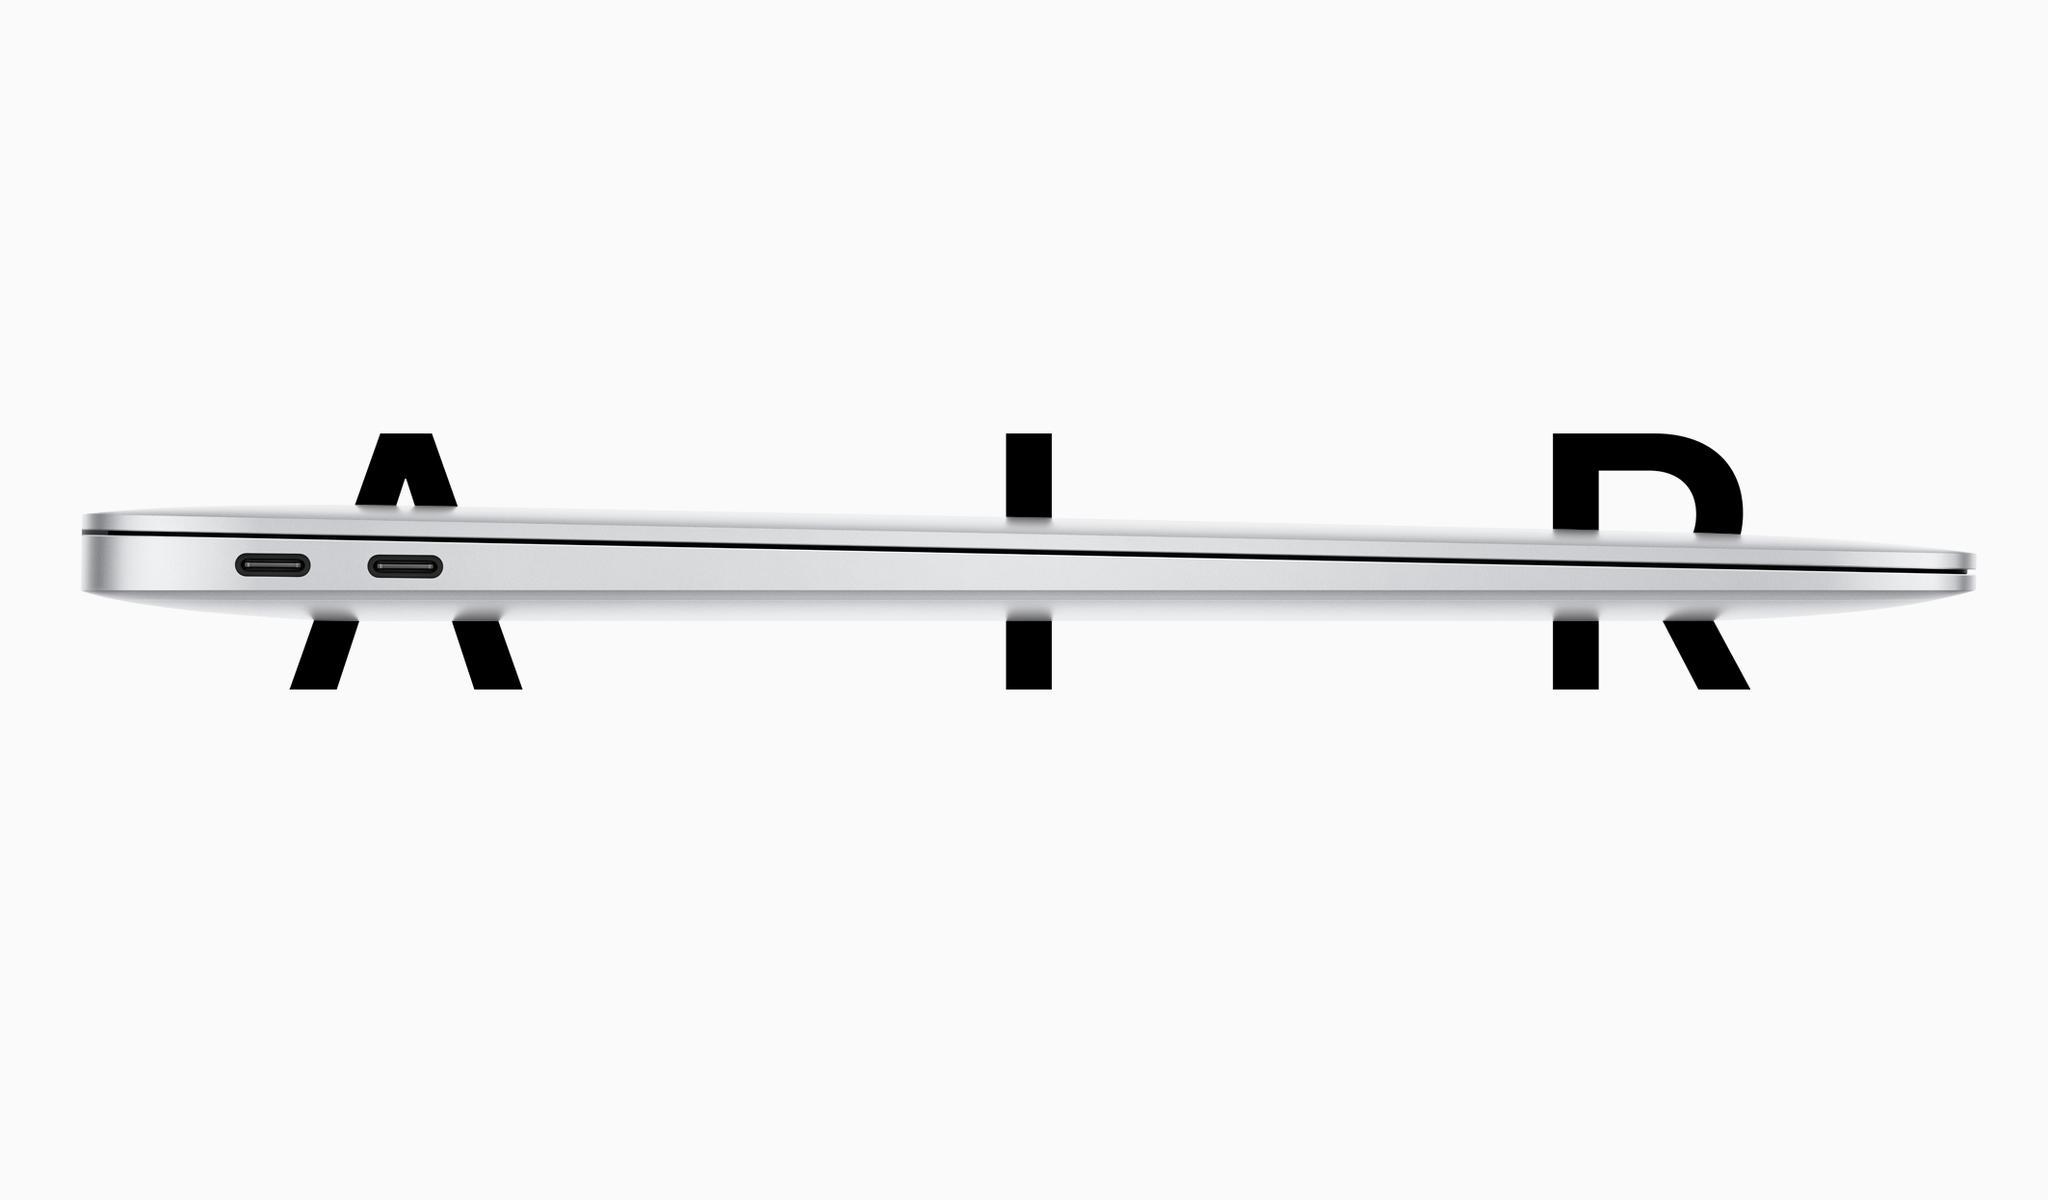 苹果MacBook Air又要被砍,库克到底在想啥?